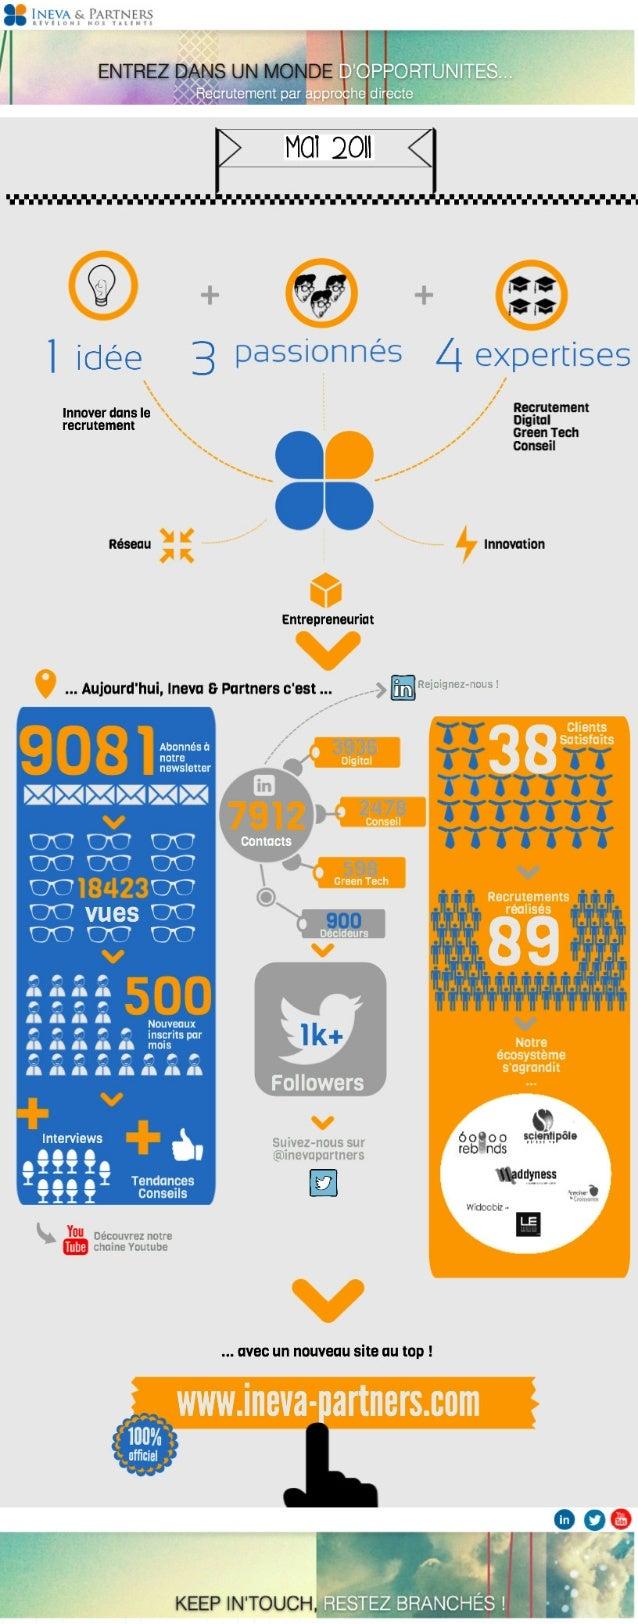 Infographie Ineva & Partners 2013